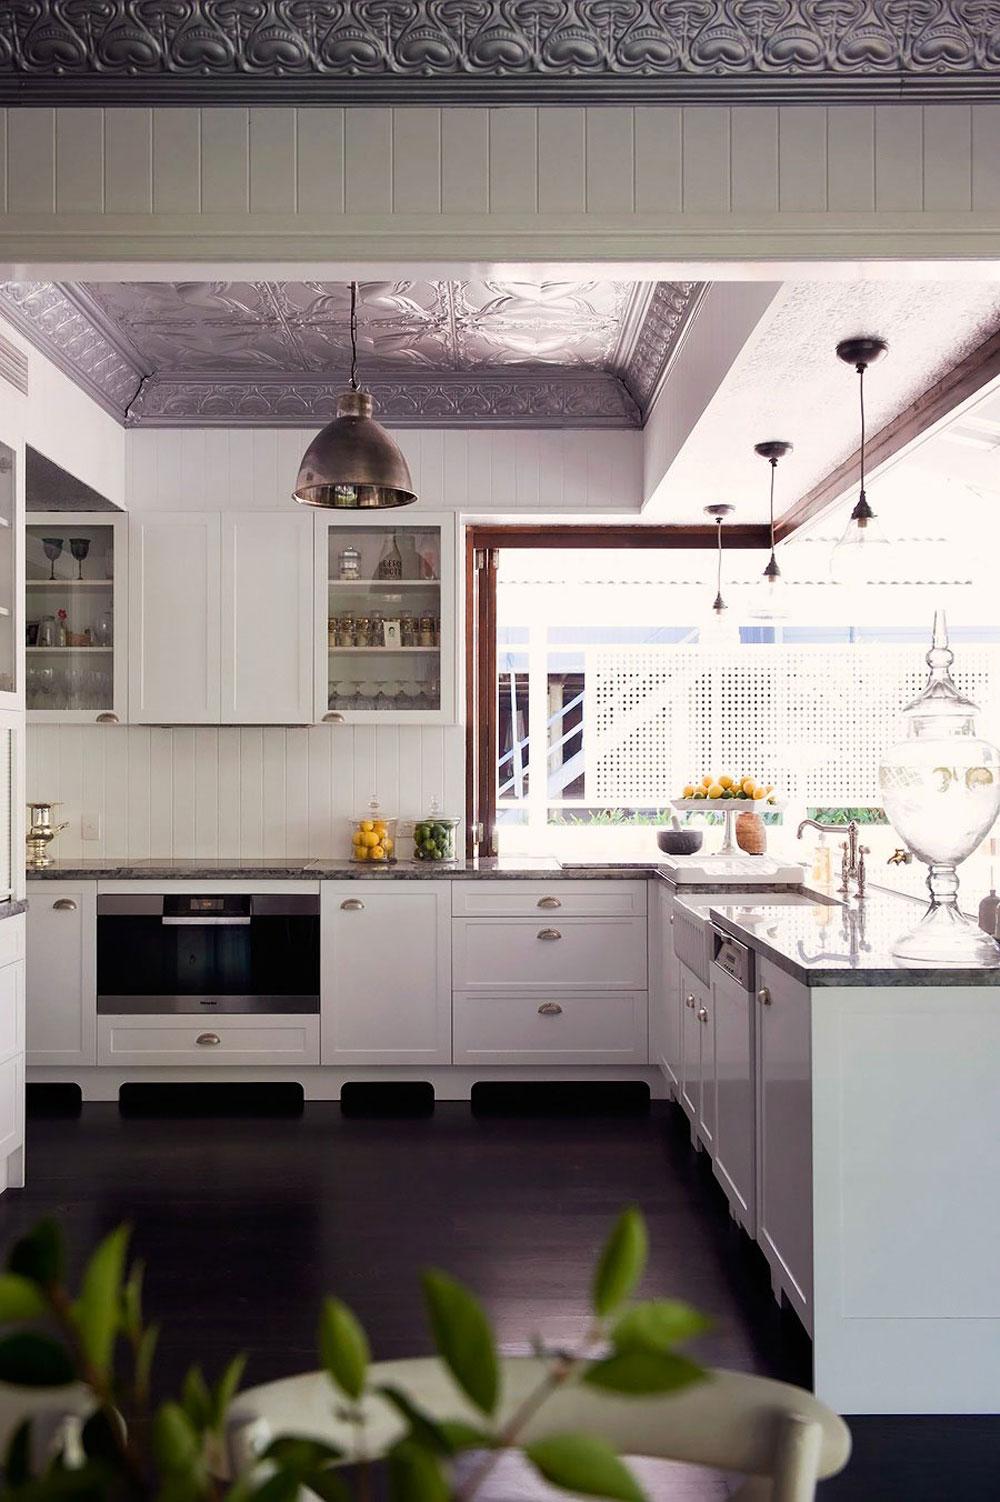 Visa-det-imponerande-trä-köket-inredningsdesign-3 Visa-fönstret-det-imponerande-trä-köket-inredningsdesign